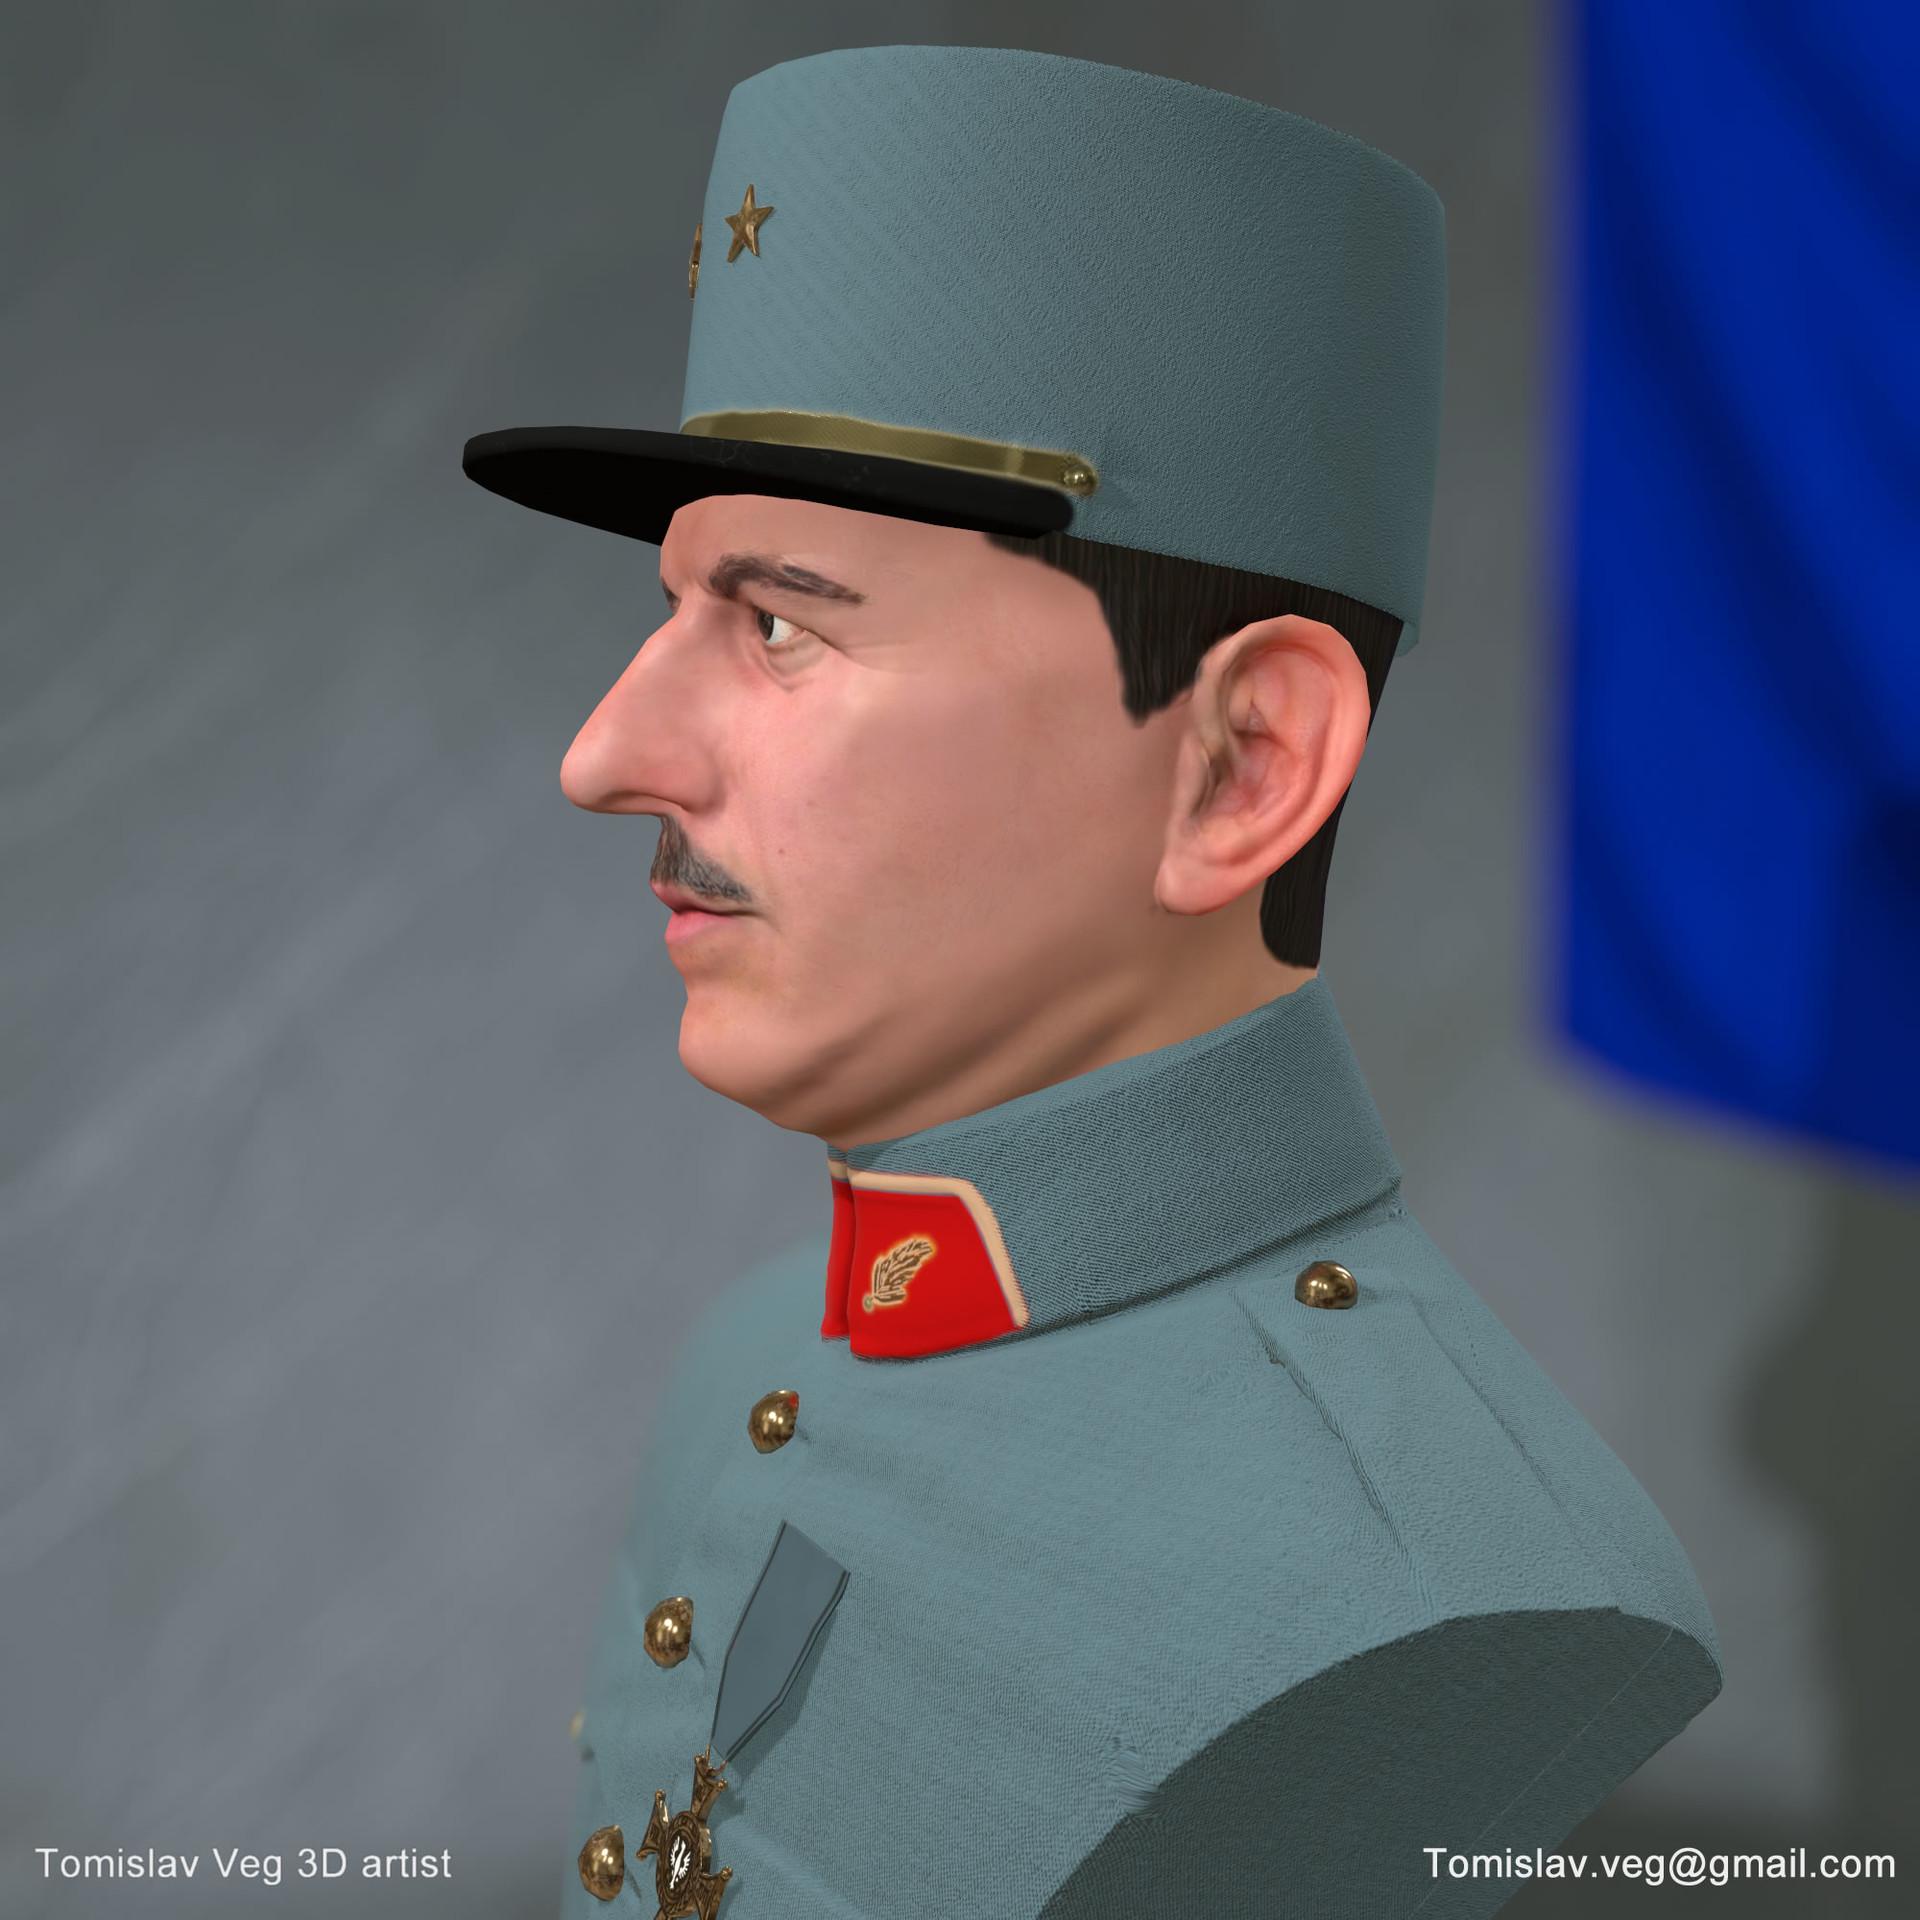 Tomislav veg 4